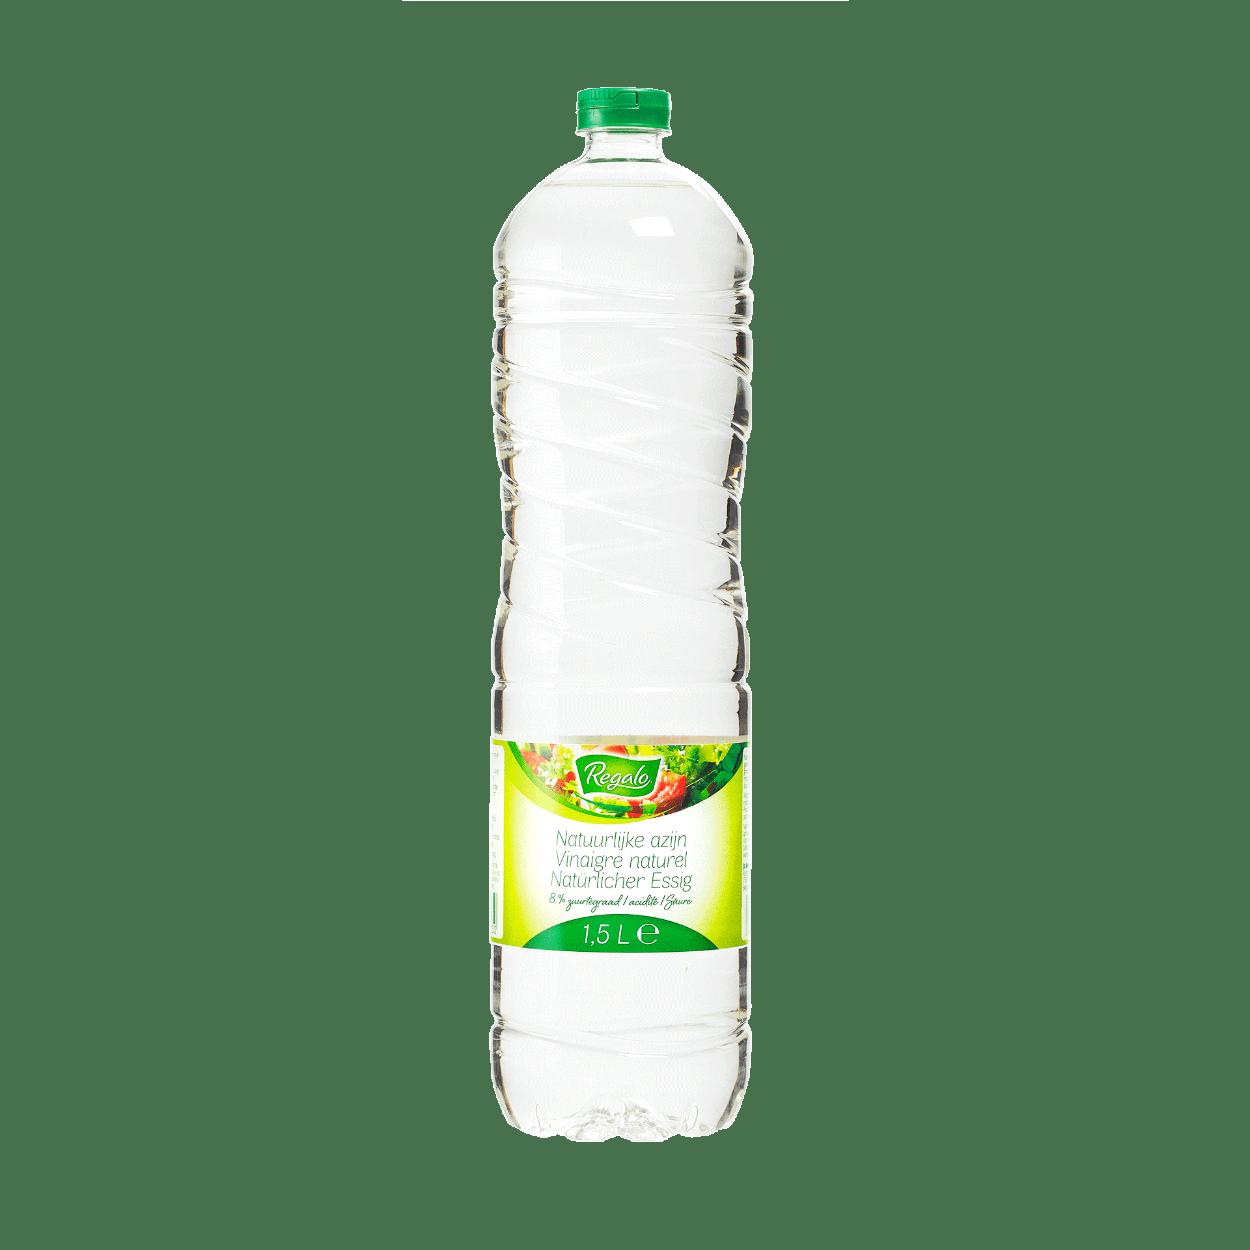 Schoonmaakazijn 5 Liter Aldi.Azijn